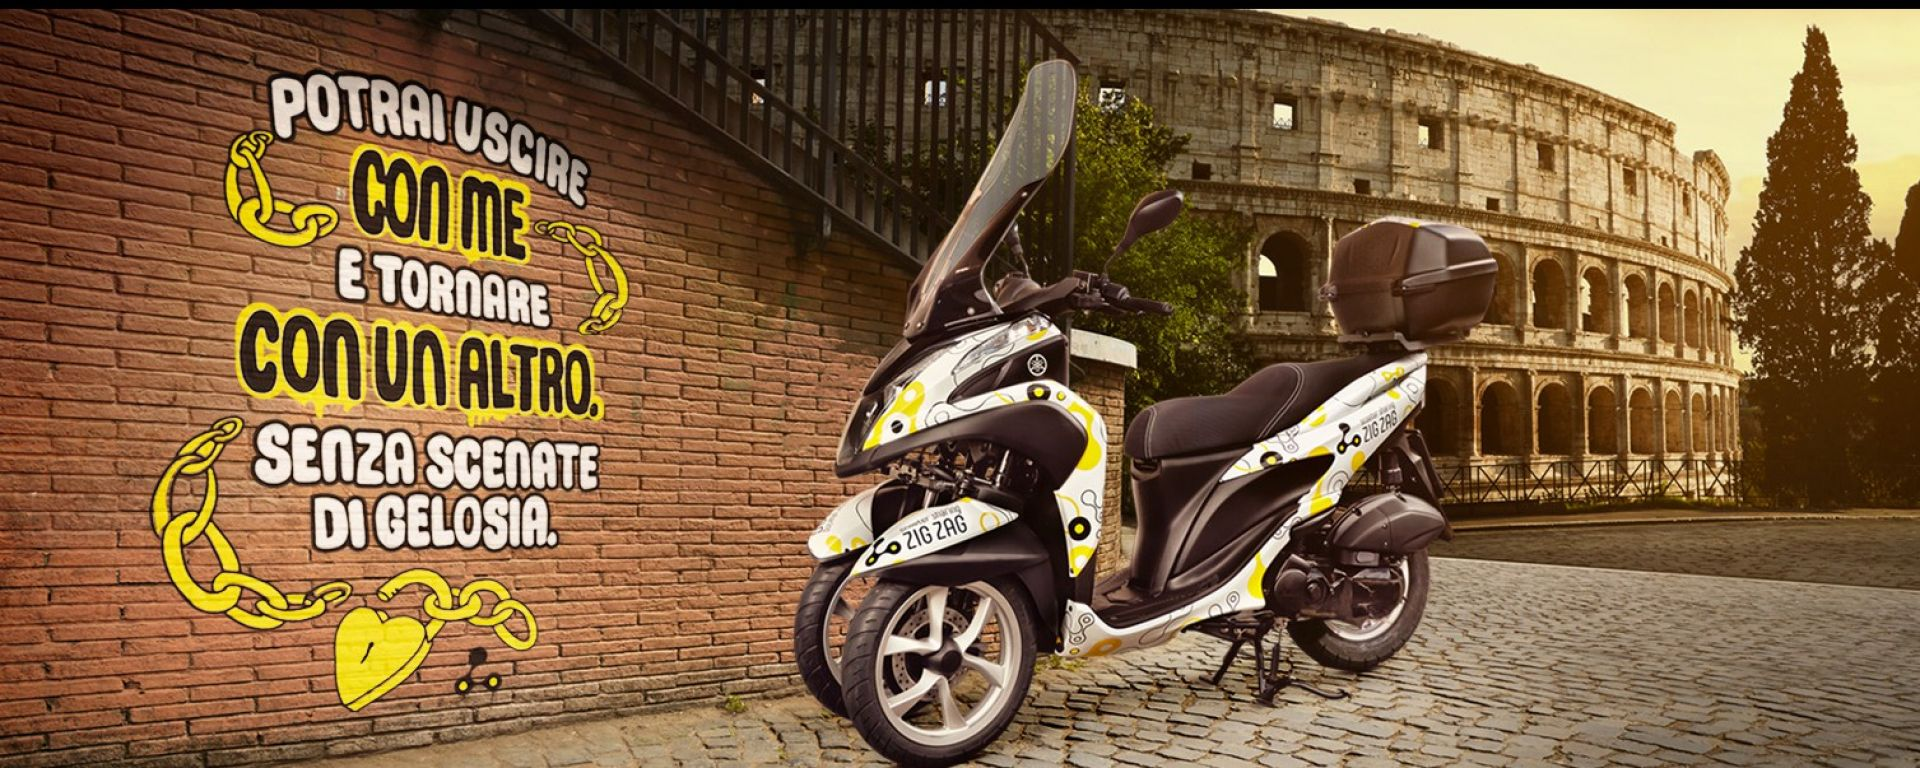 Zig Zag, il nuovo servizio scooter sharing a Roma